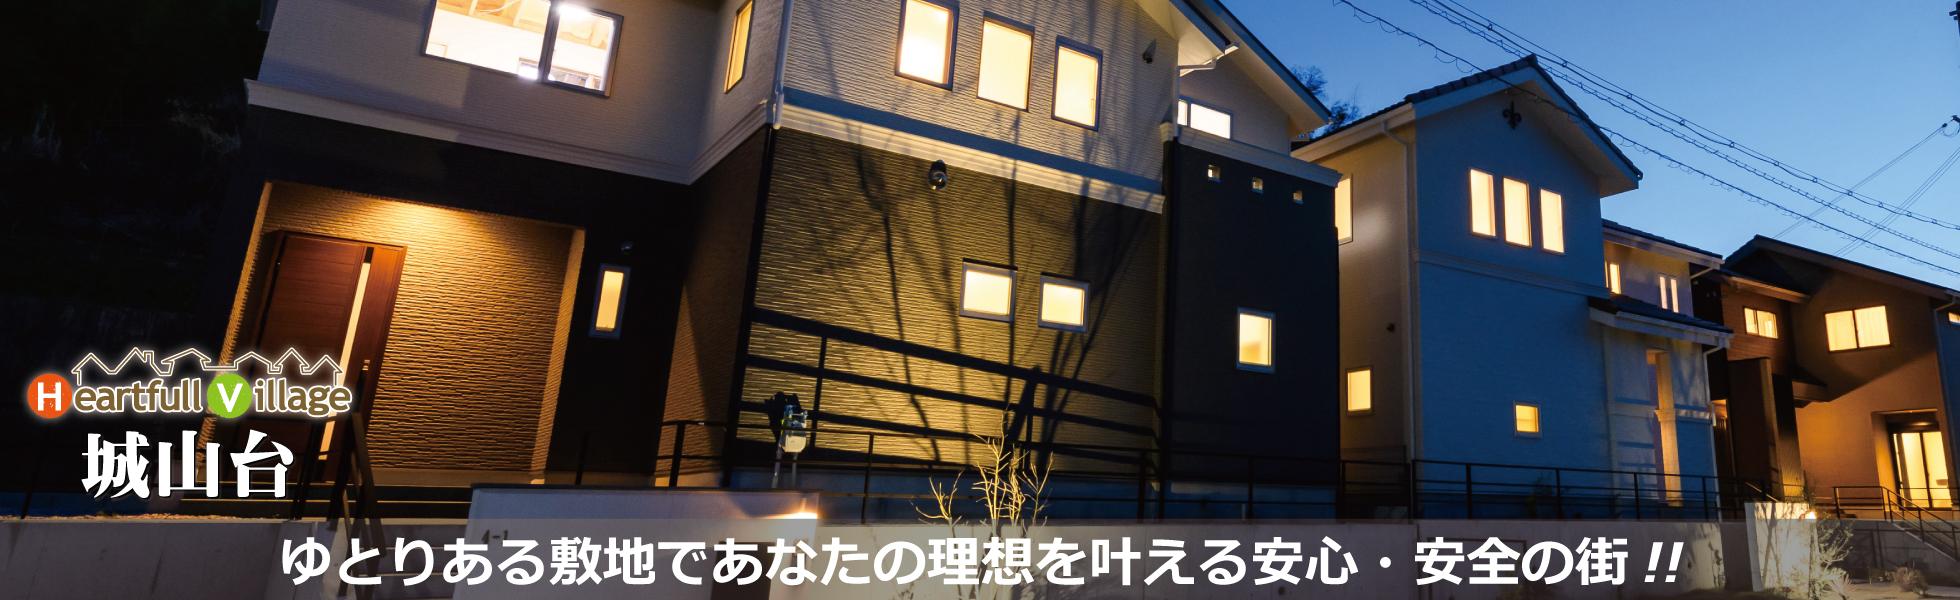 販 住 日本 中央